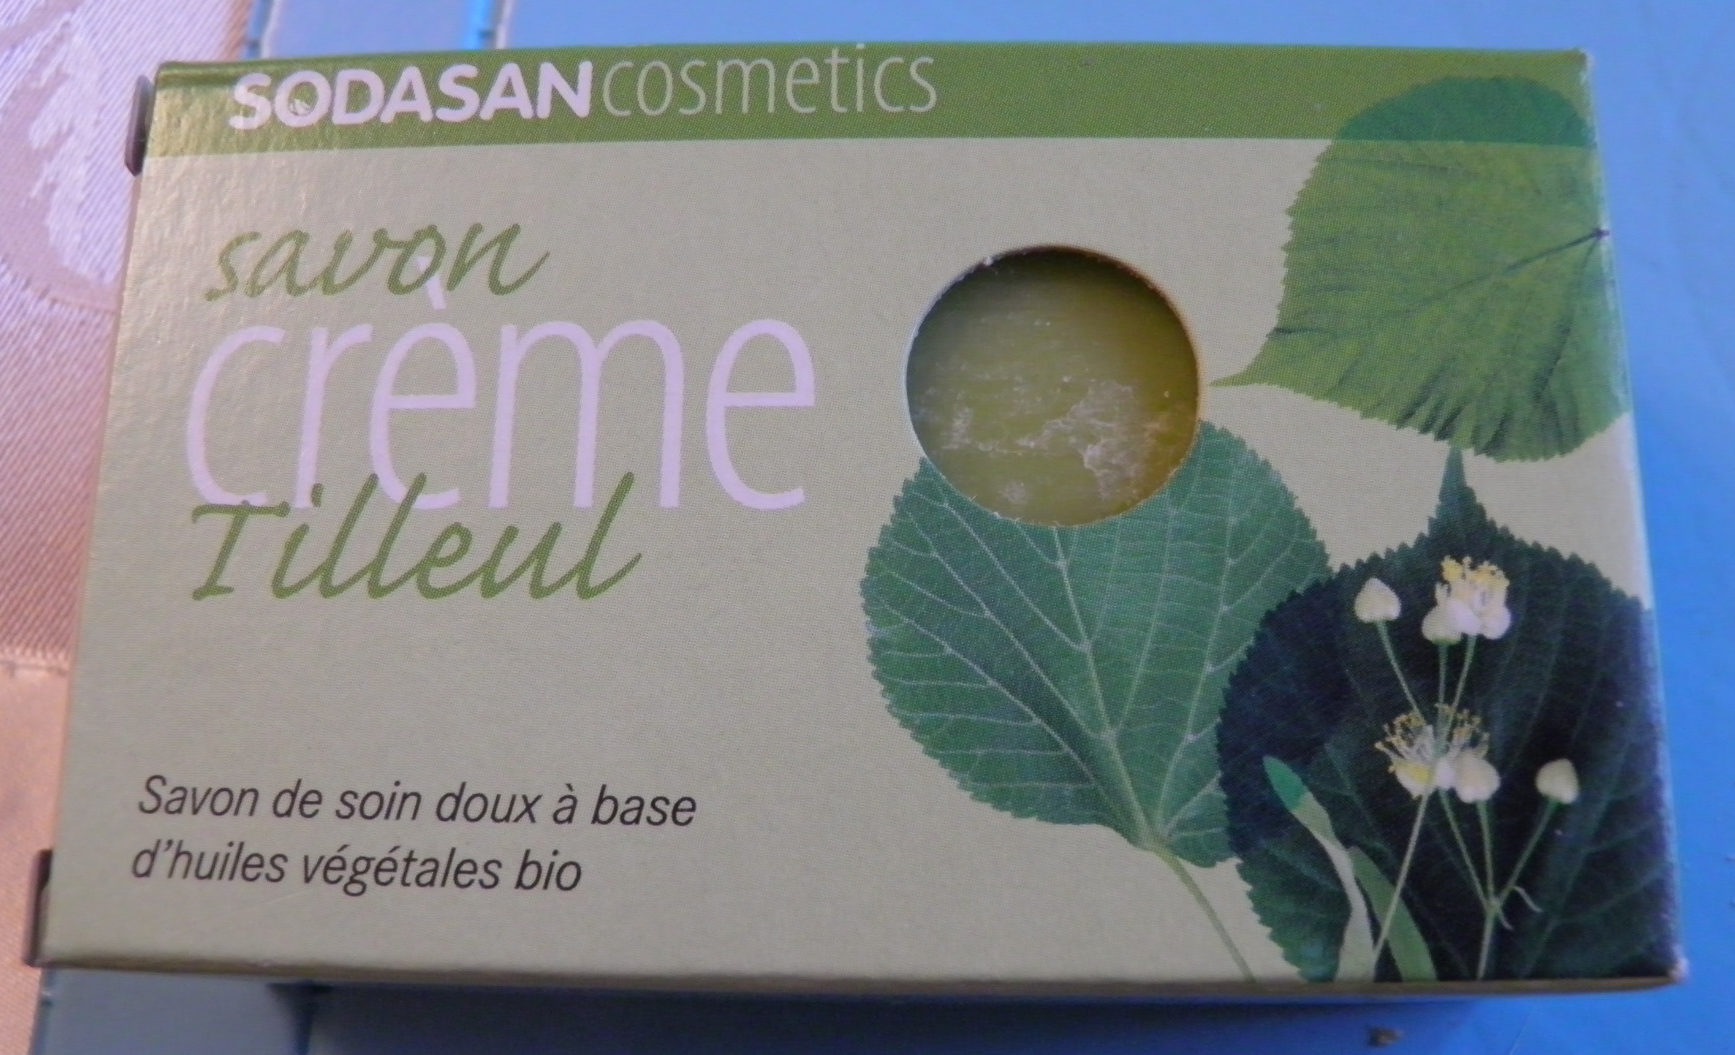 Savon crème tilleul - Produit - fr